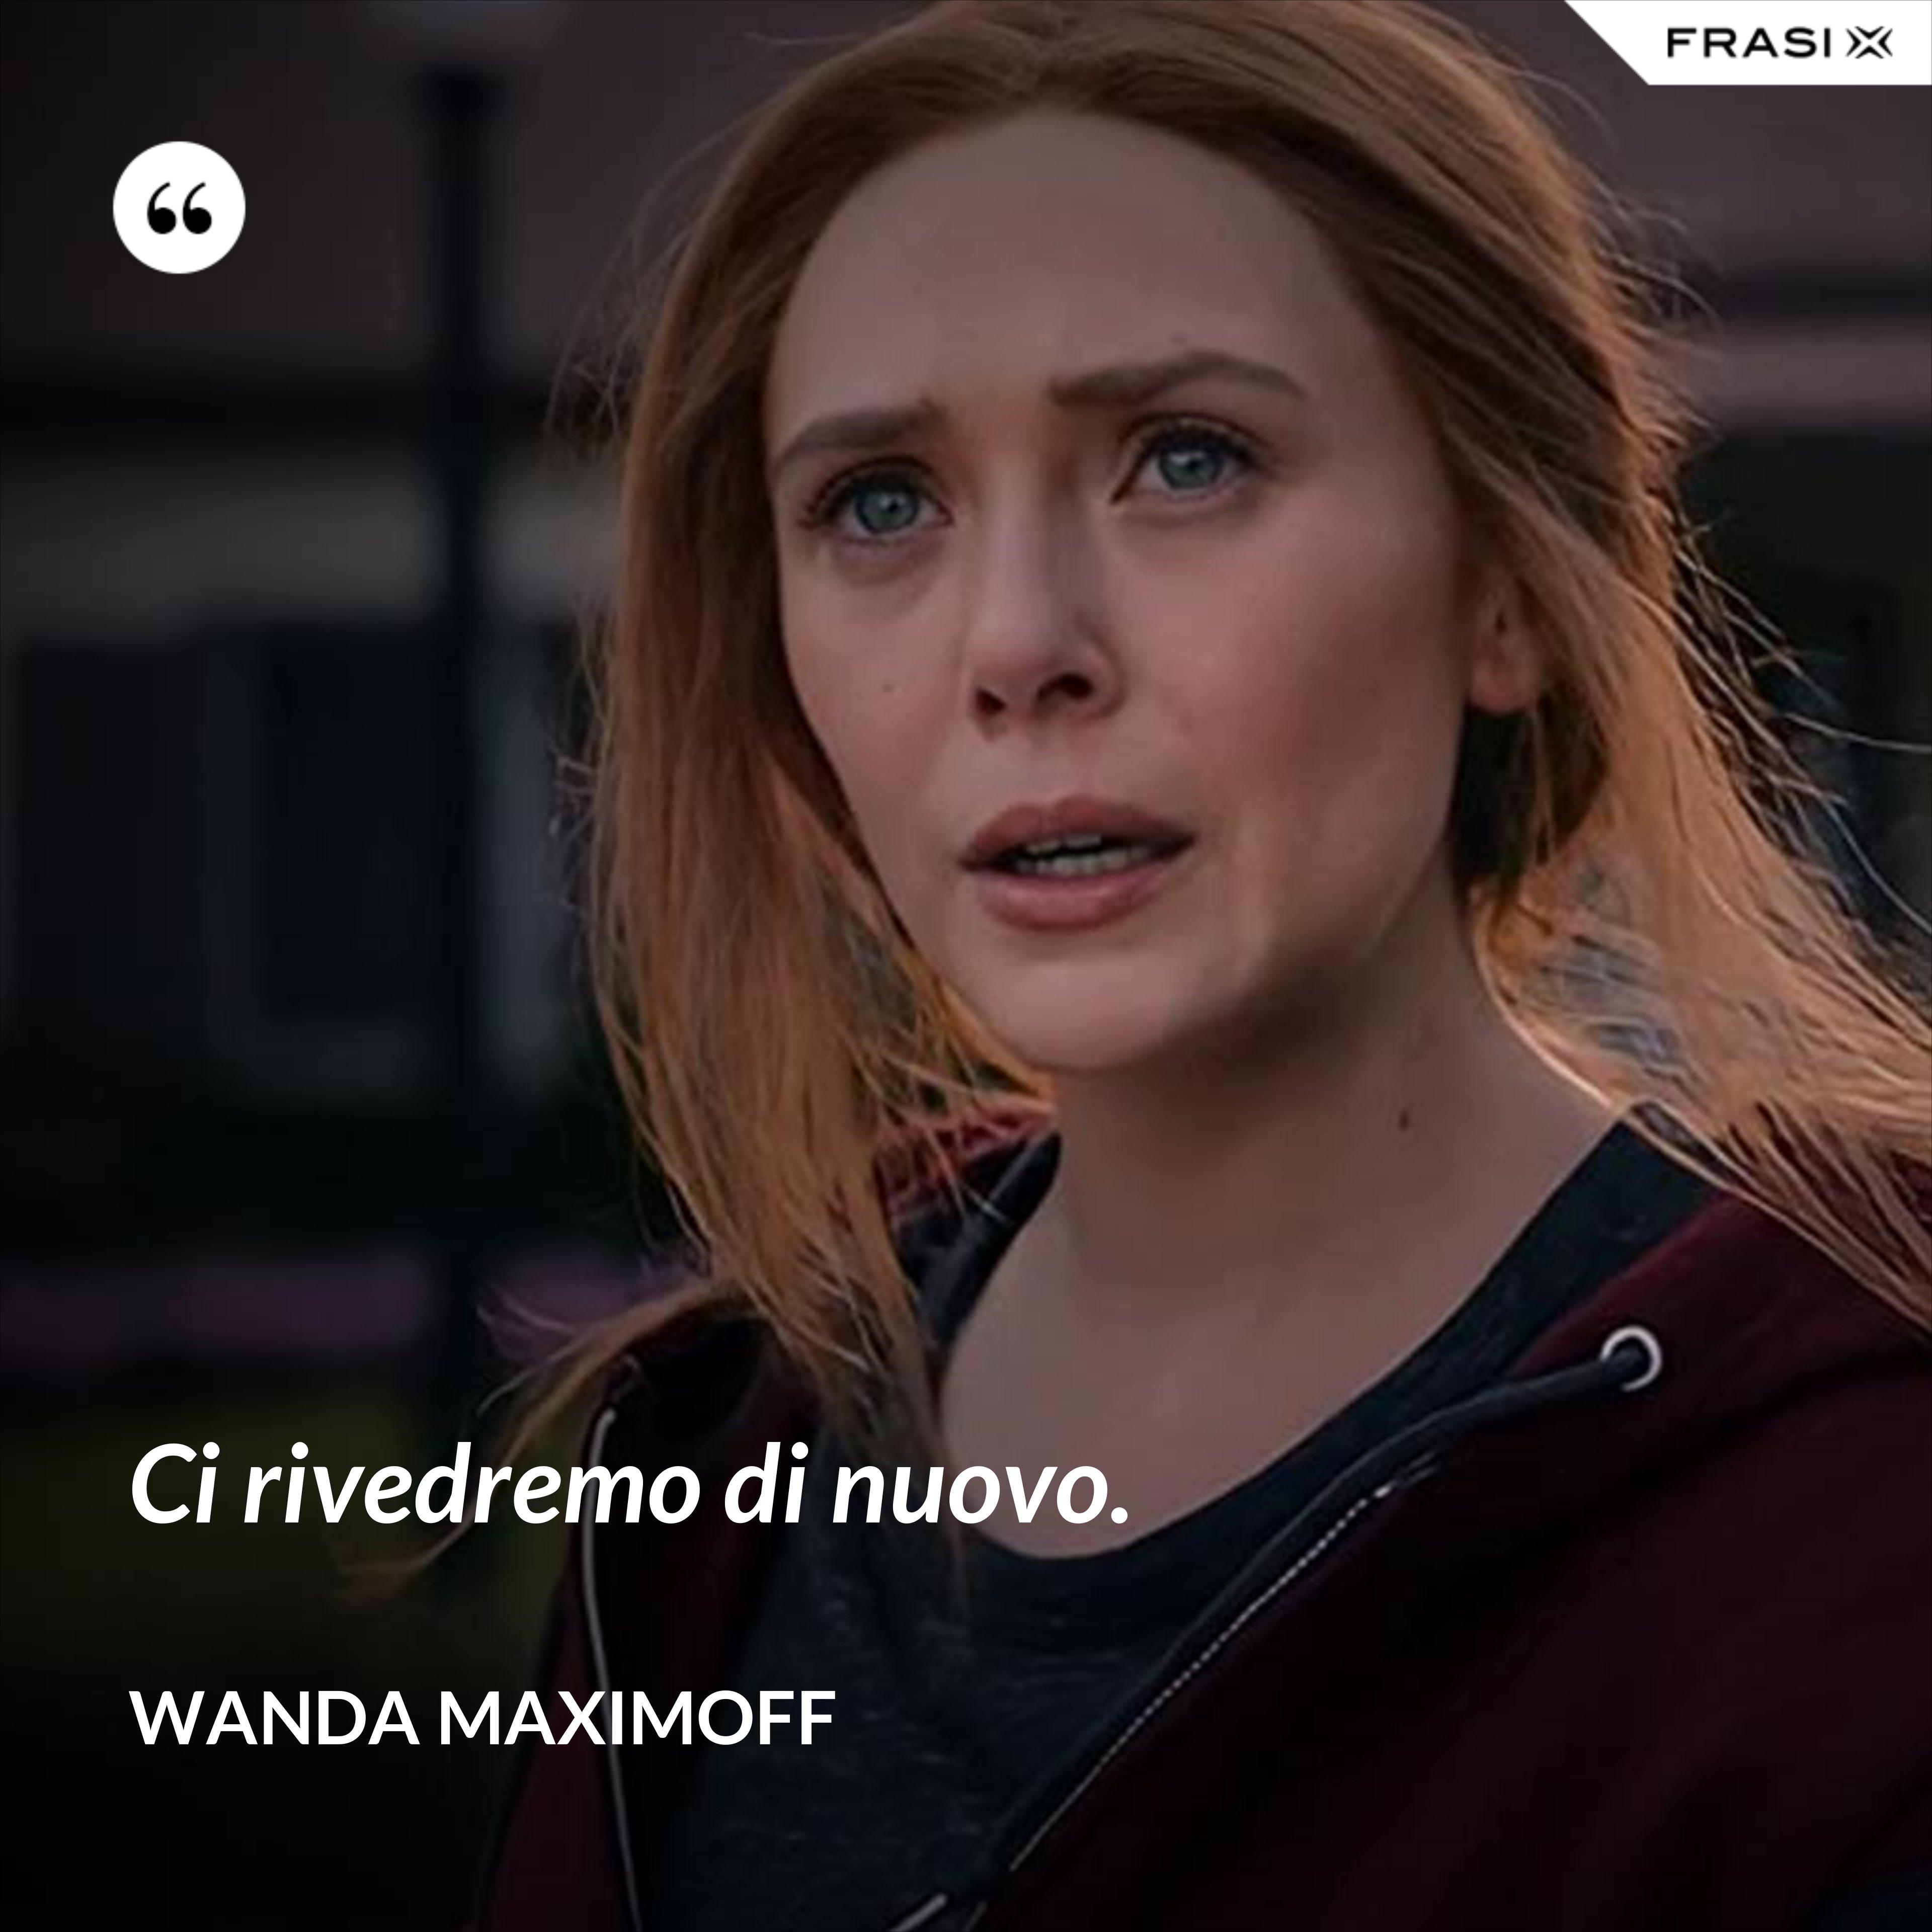 Ci rivedremo di nuovo. - Wanda Maximoff